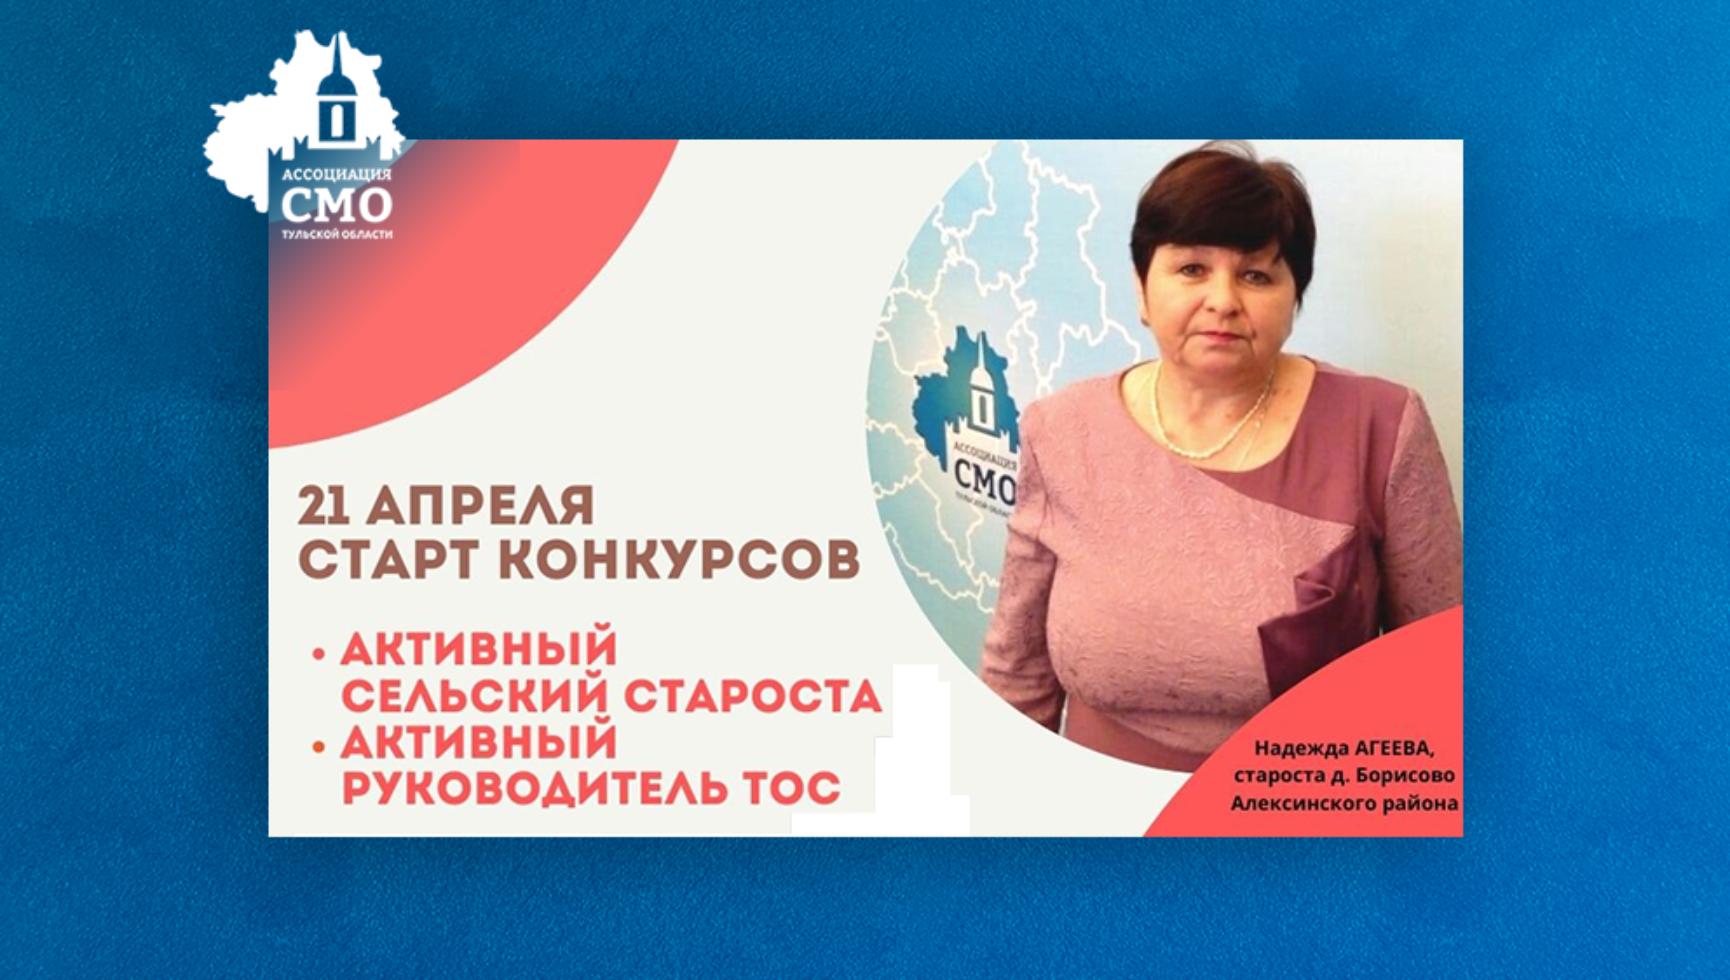 В Тульской области стартовали конкурсы «Активный сельский староста» и «Активный руководитель ТОС»